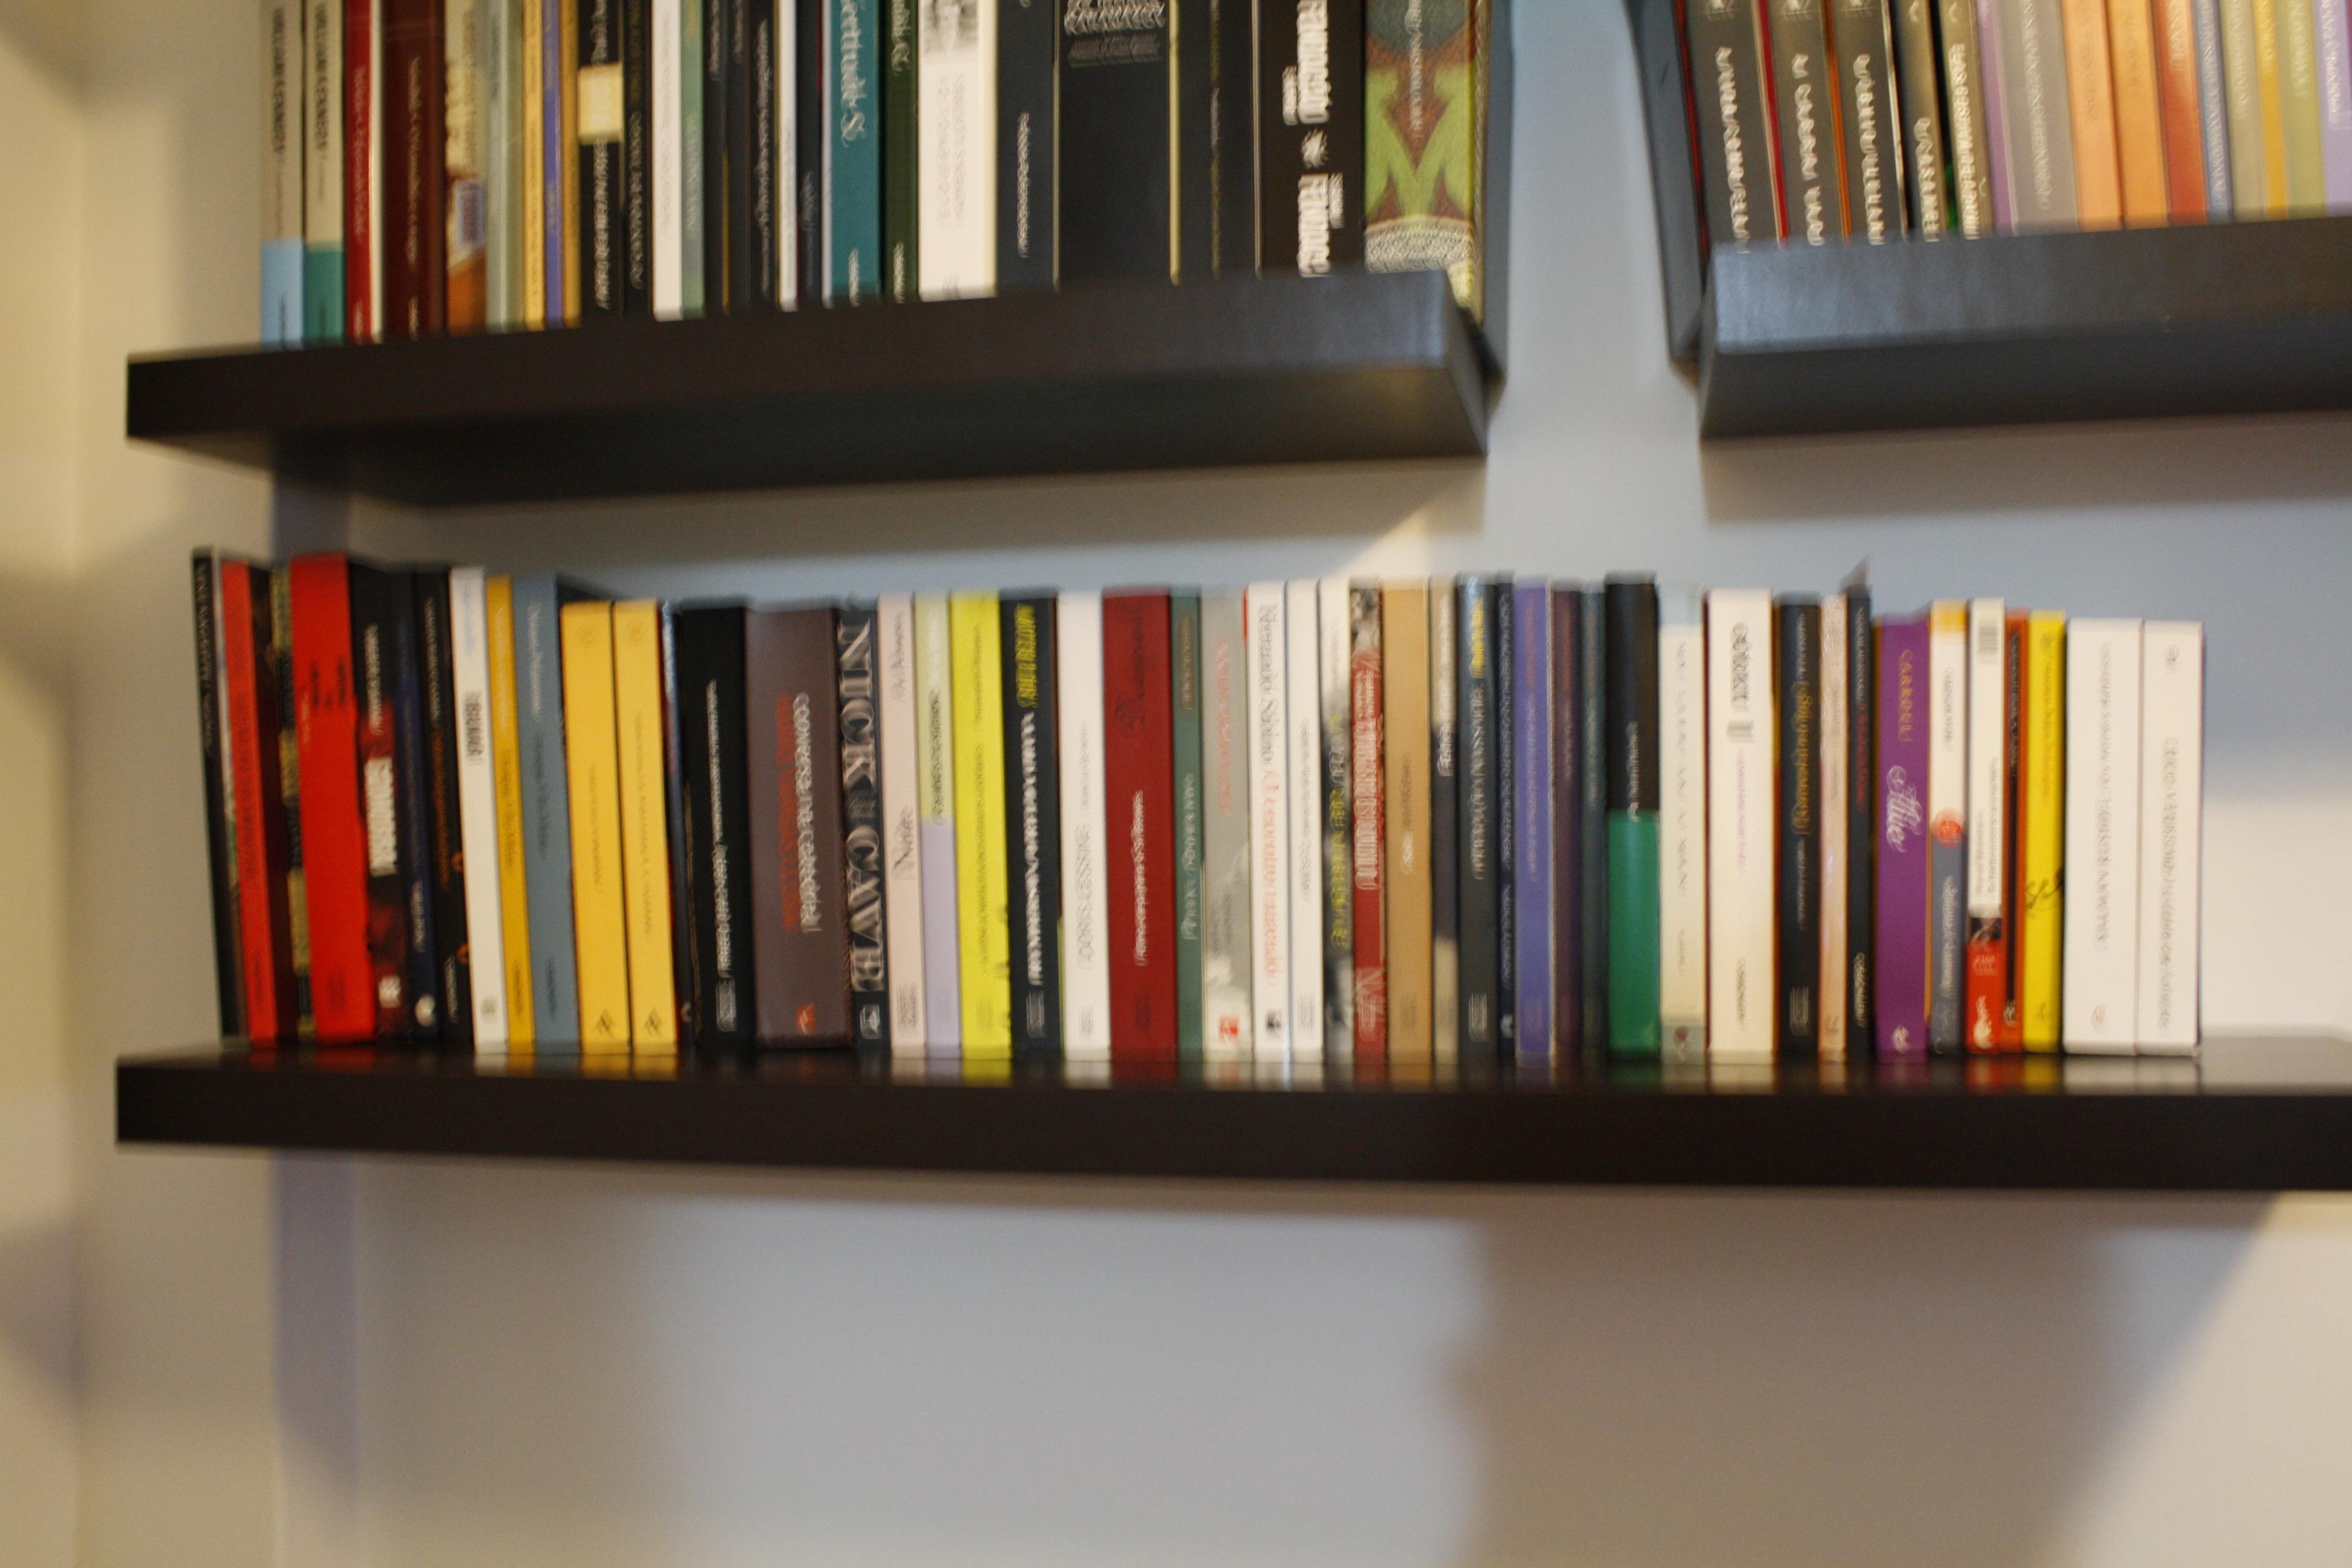 H bitos de leitura 2 organizando sua estante livrada for Distancia entre estantes biblioteca